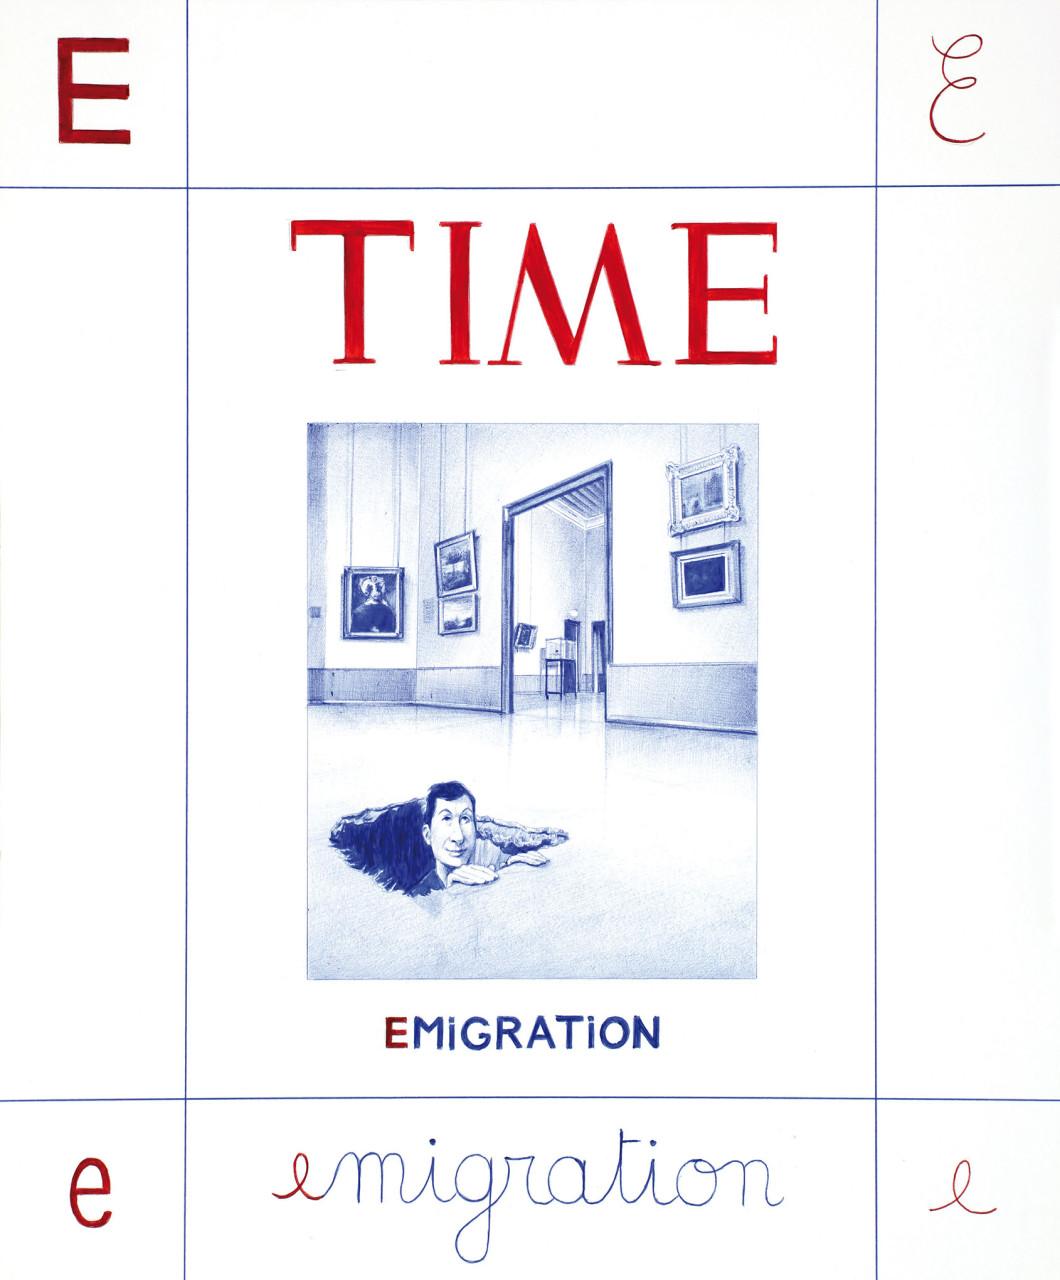 03E-emigration_bassa